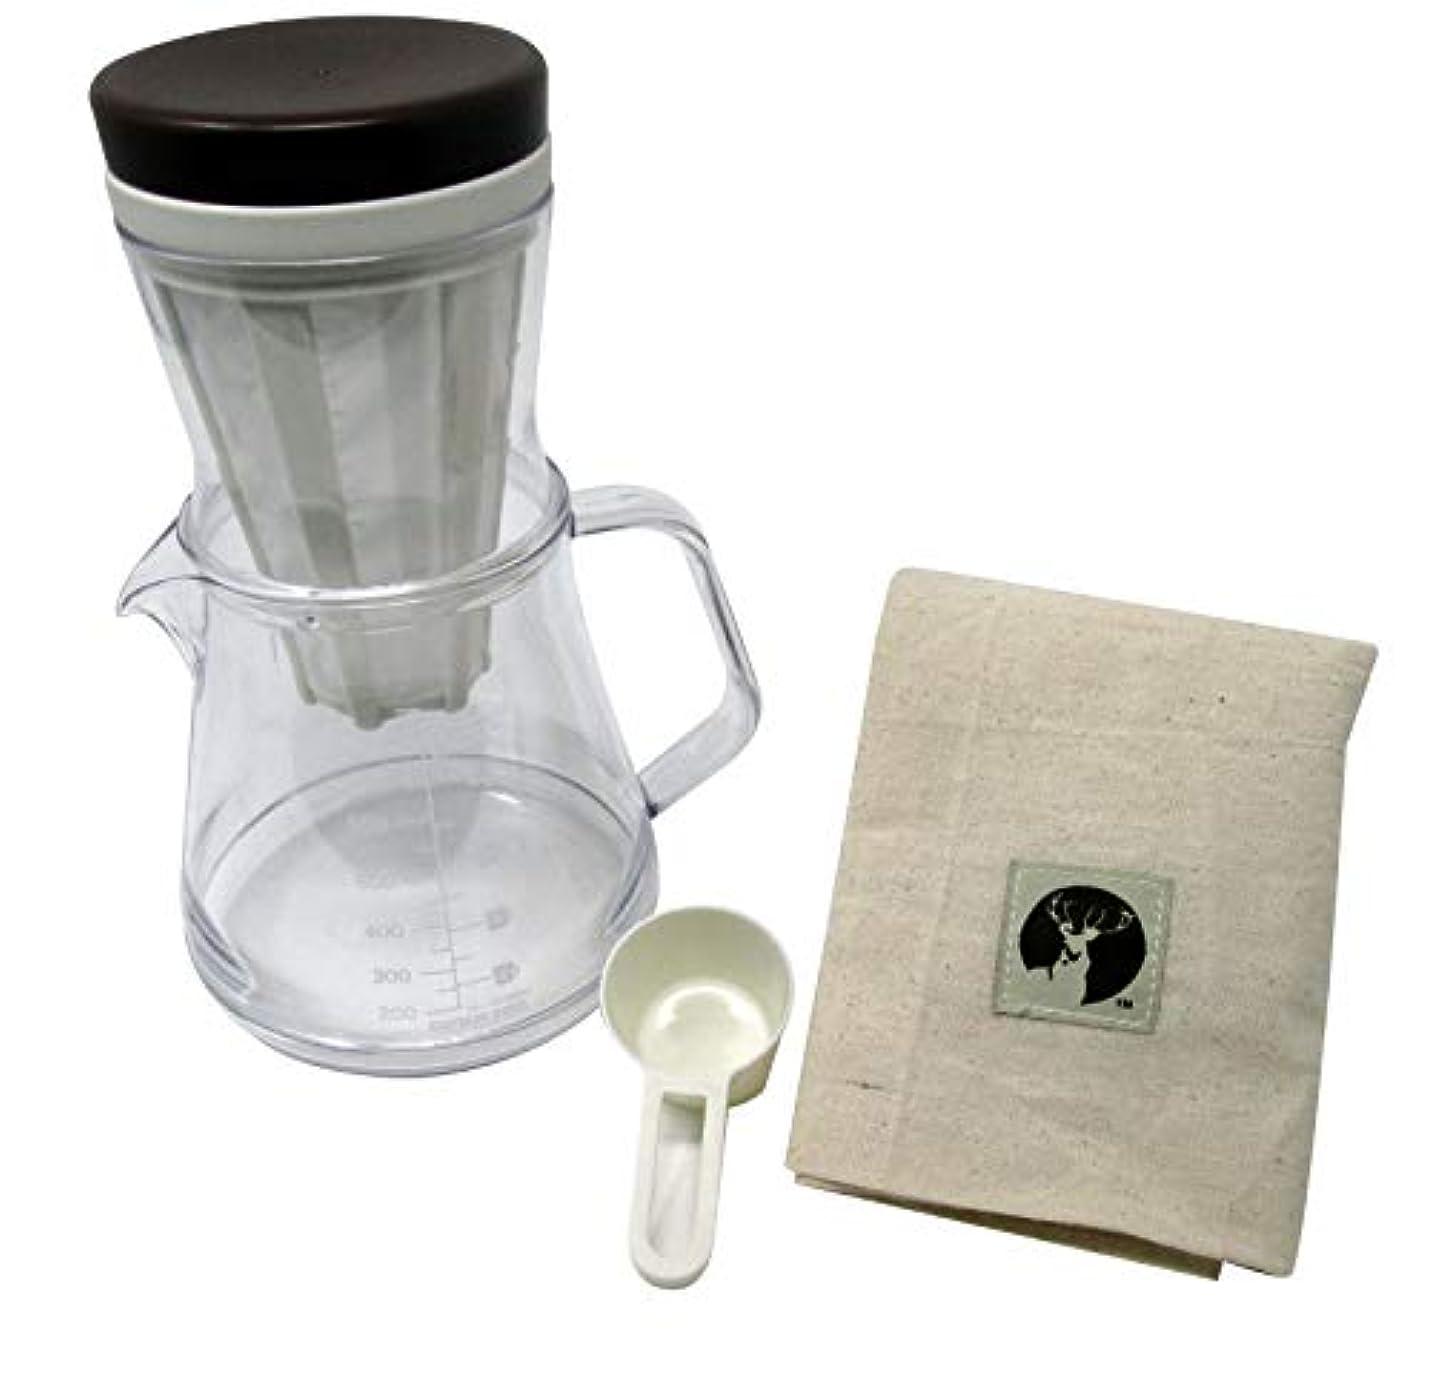 要件閉塞導出キャプテンスタッグ(CAPTAIN STAG) コーヒー ポット 割れにくい 日本製 収納袋付き